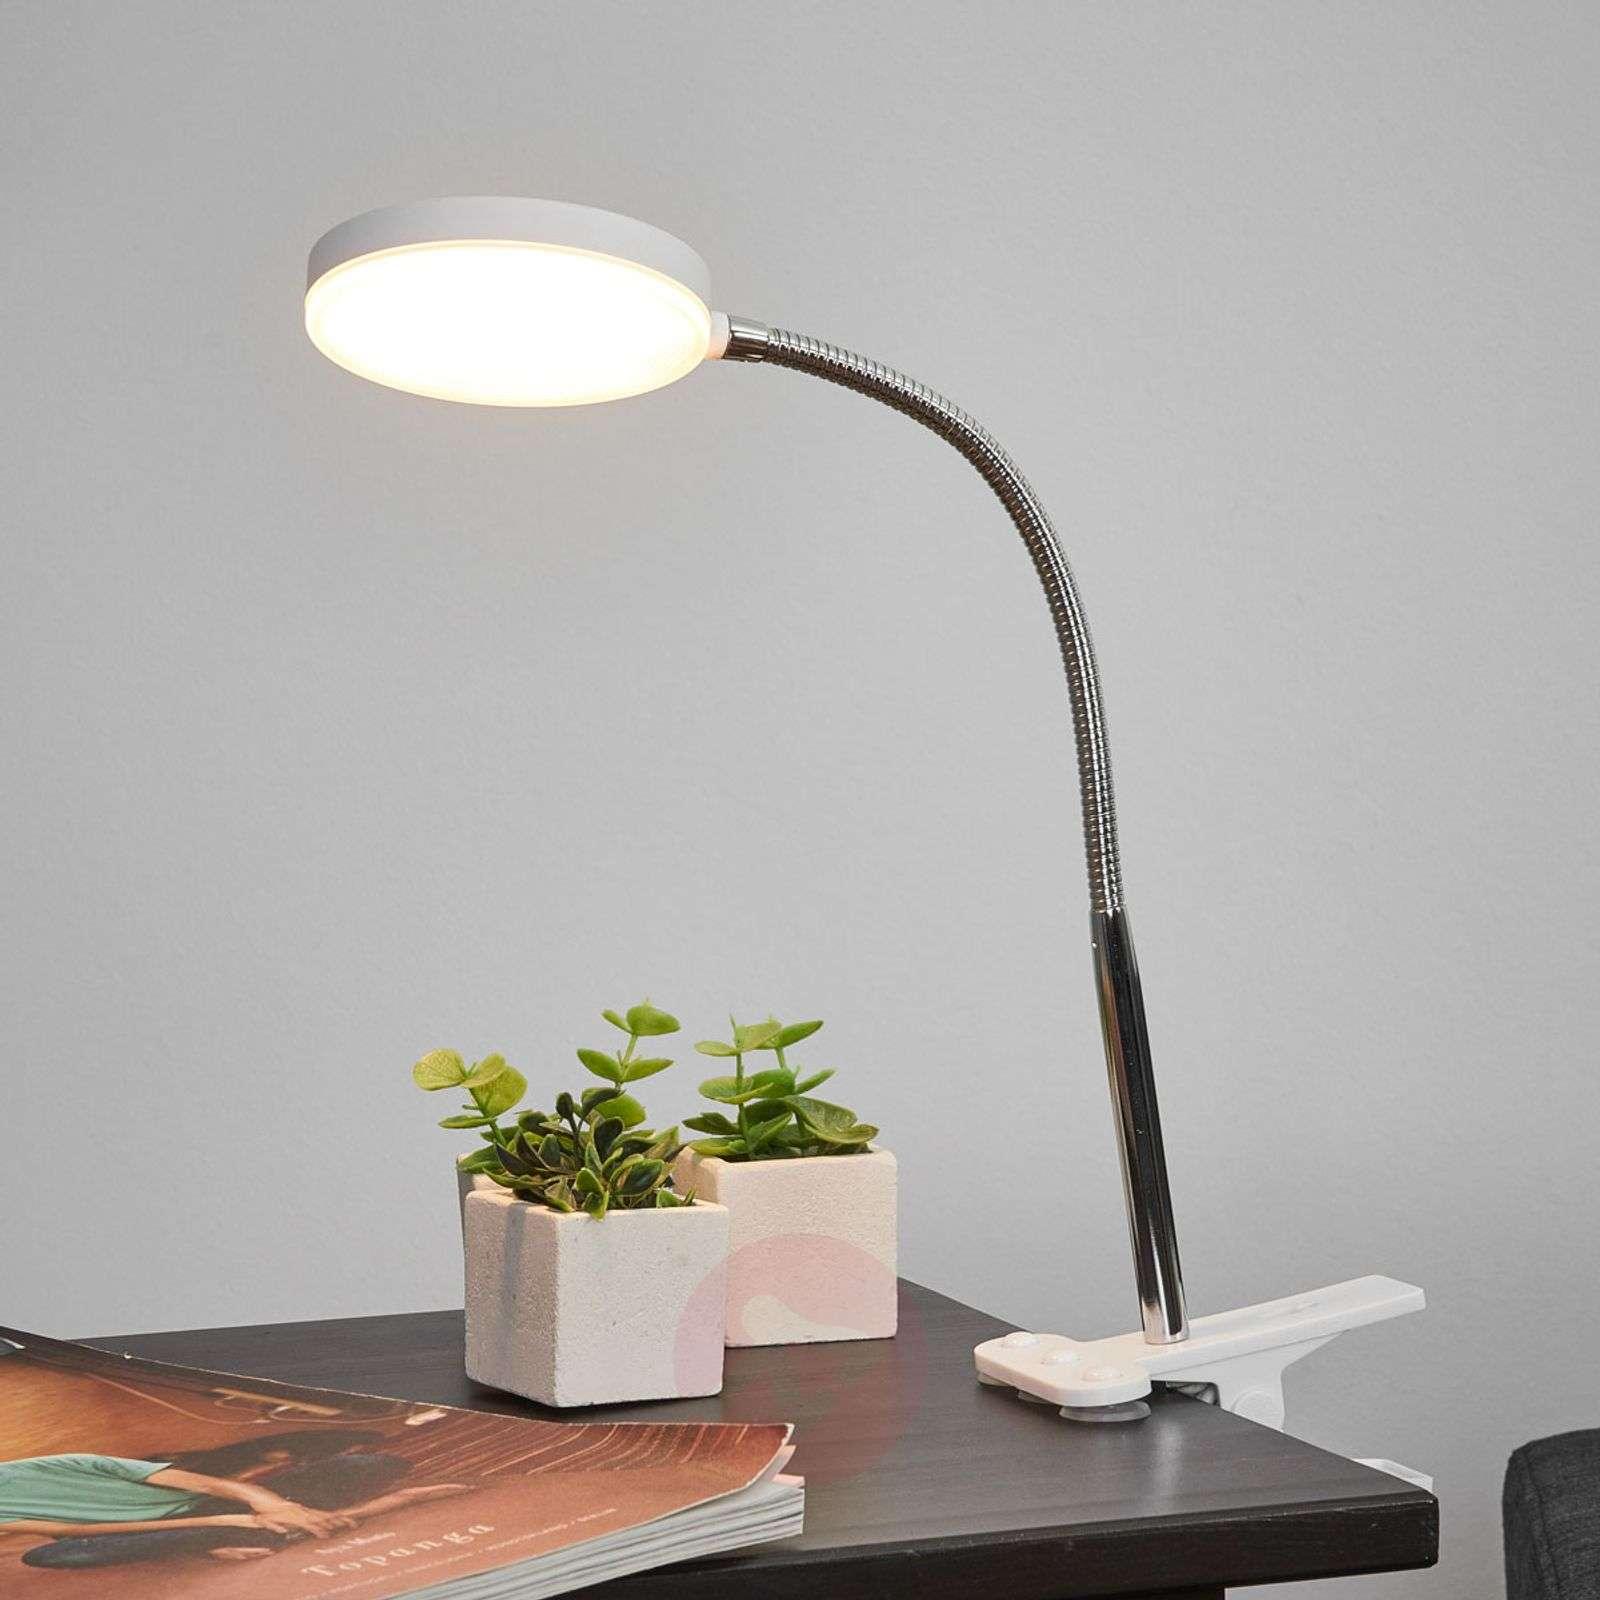 Milow-klipsivalaisin työpöydälle LED, joustovarsi